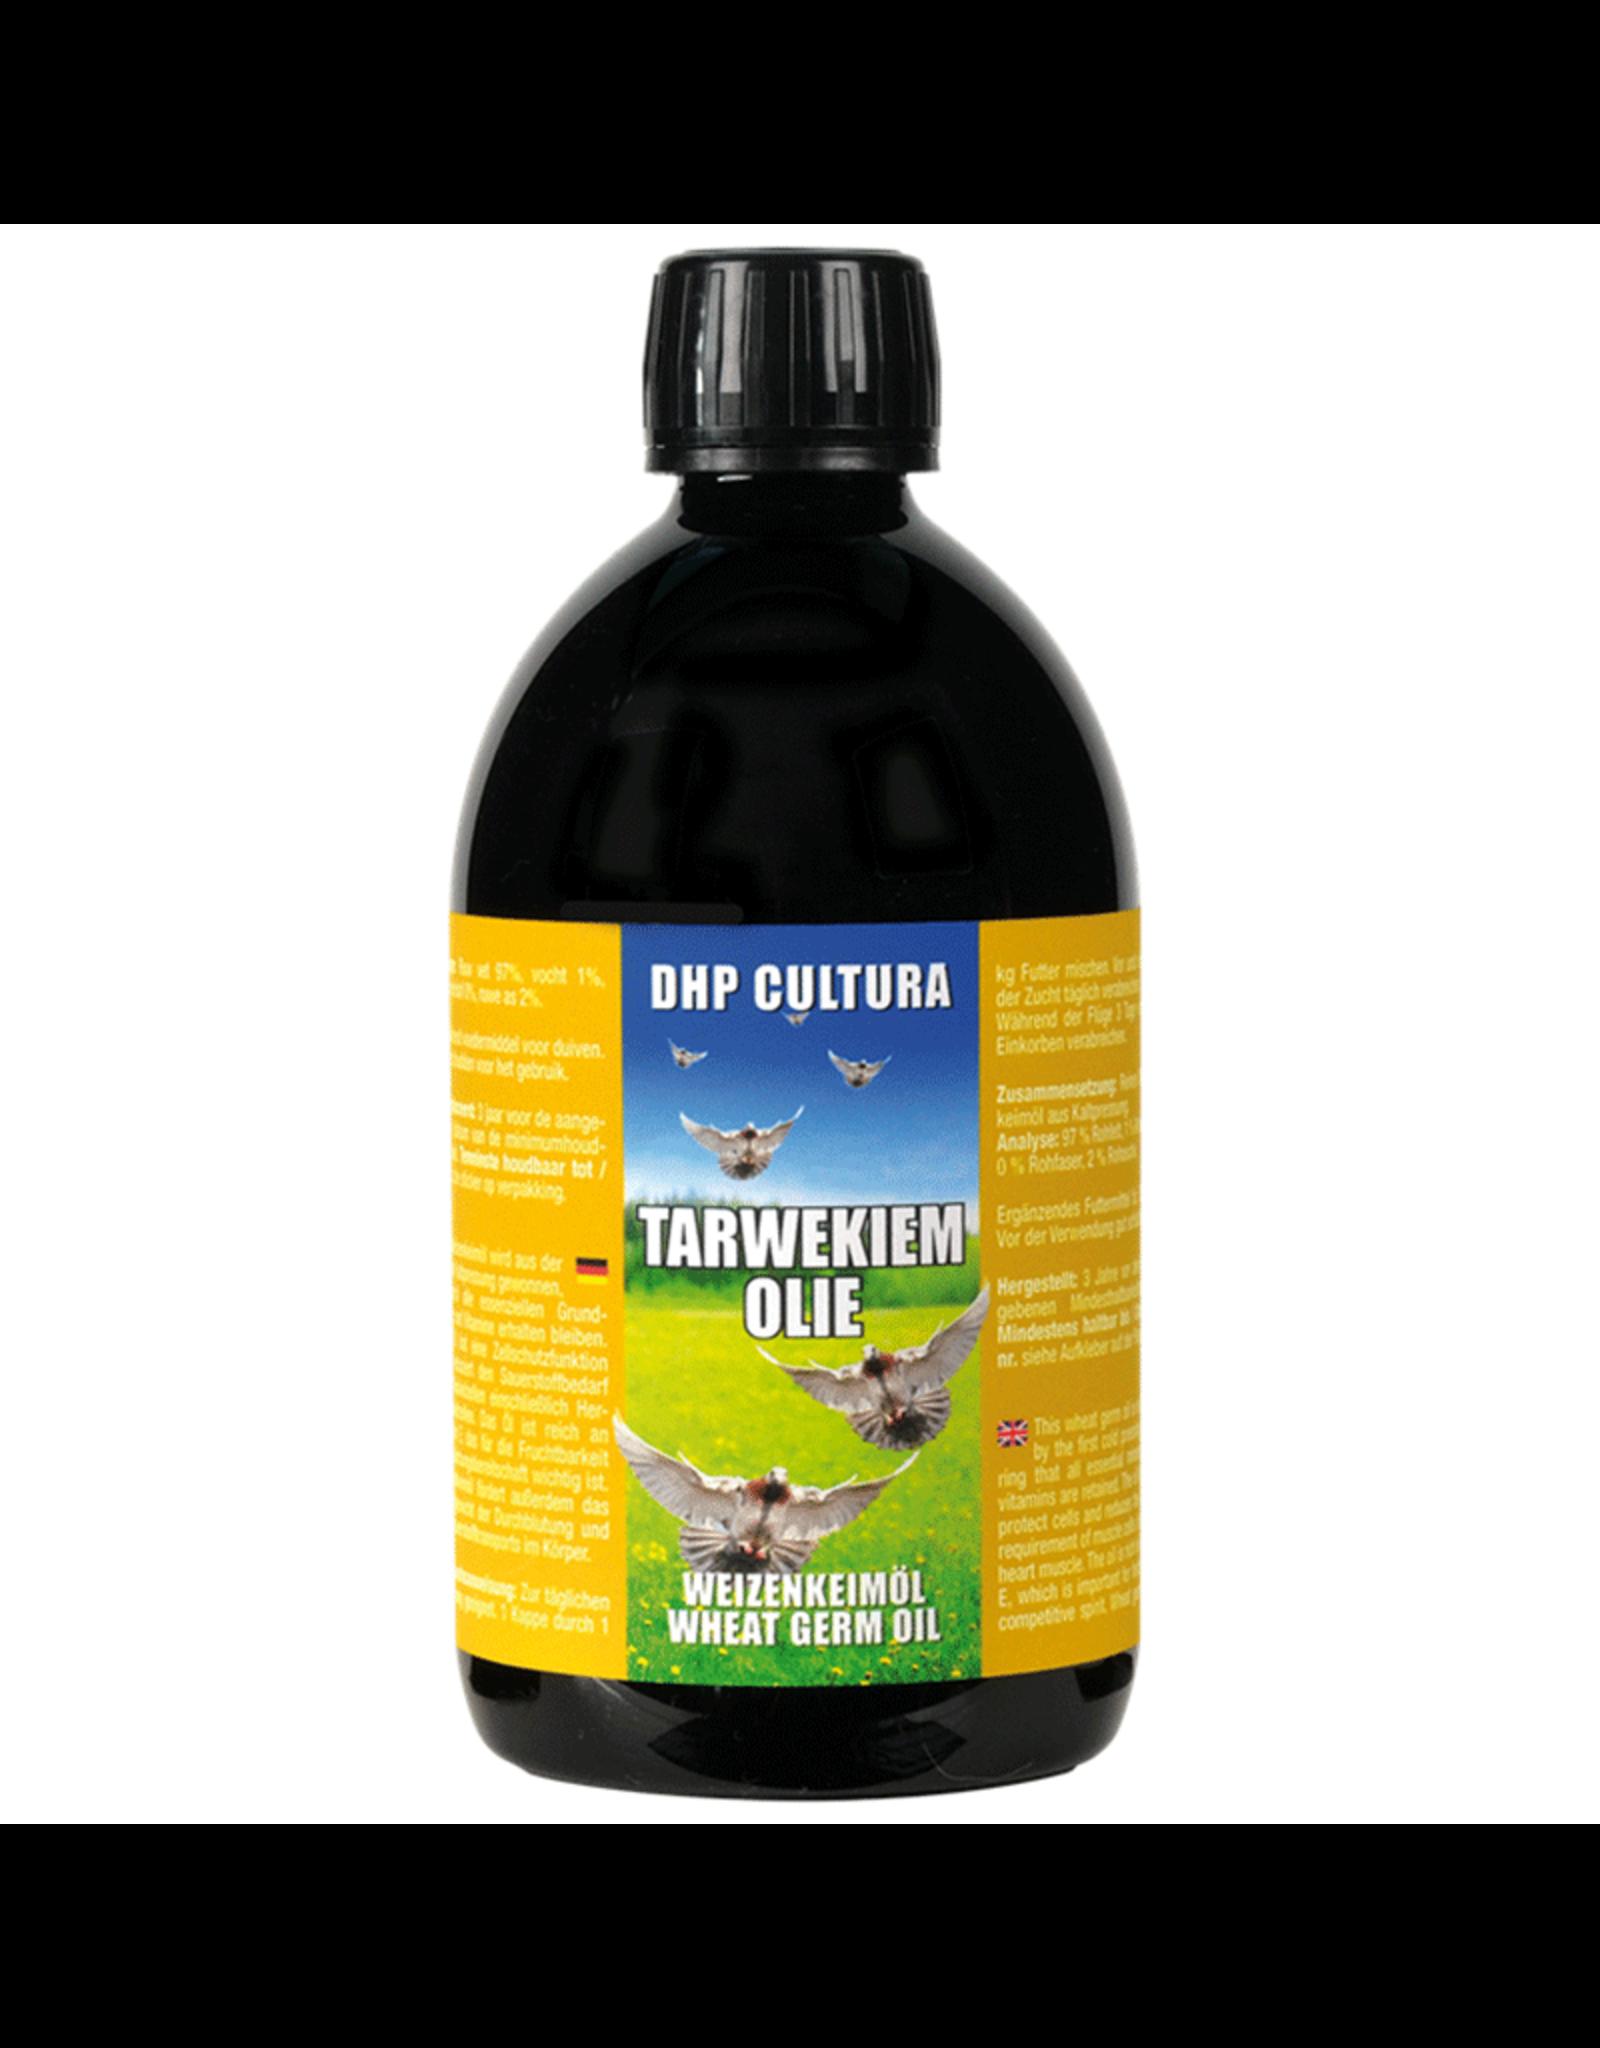 DHP Cultura Tarwekiemolie - 500 ML